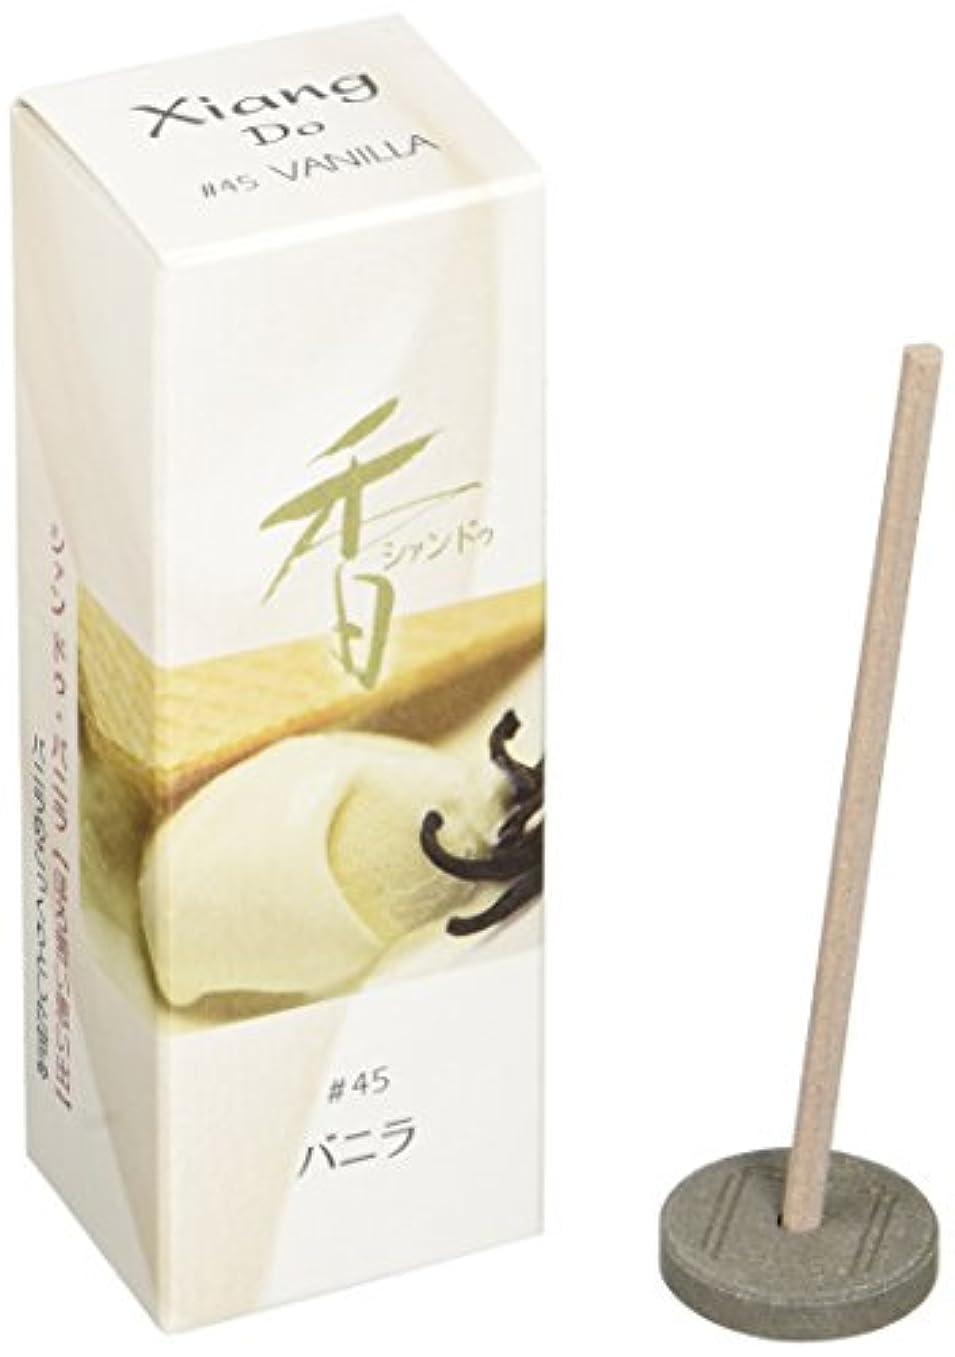 安全懲戒値下げ松栄堂のお香 Xiang Do(シャンドゥ) バニラ ST20本入 簡易香立付 #214245